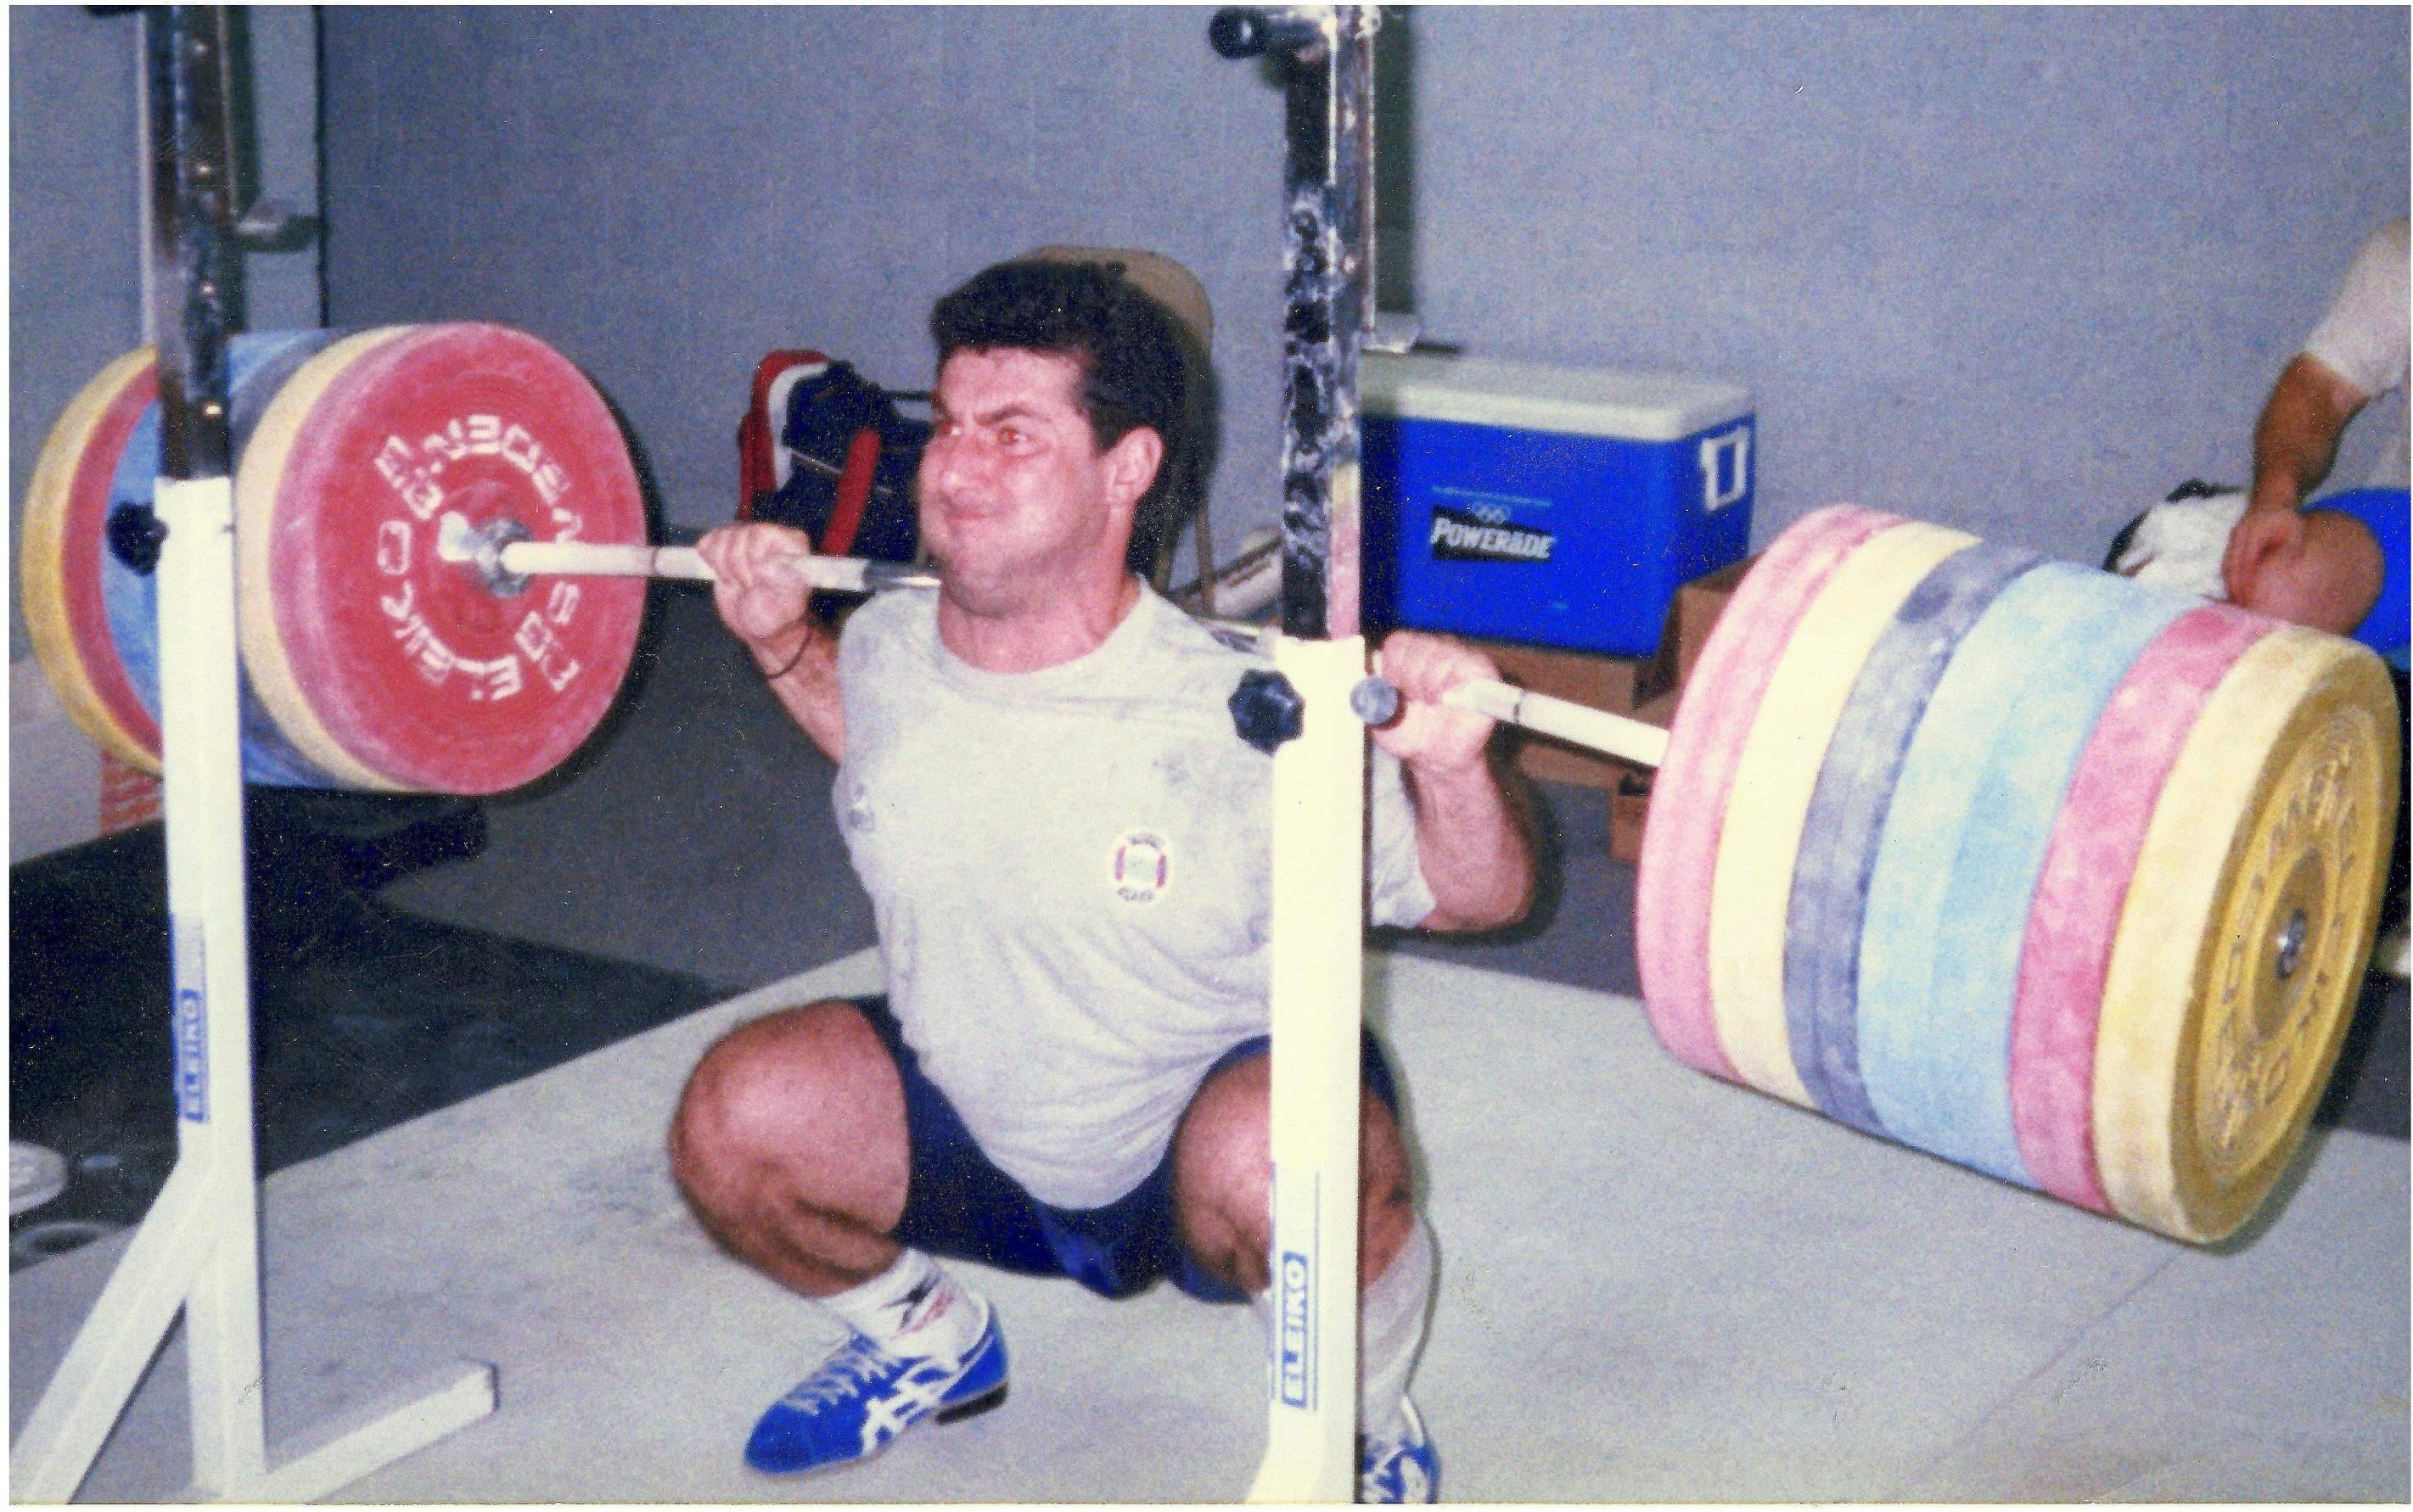 high bar squat